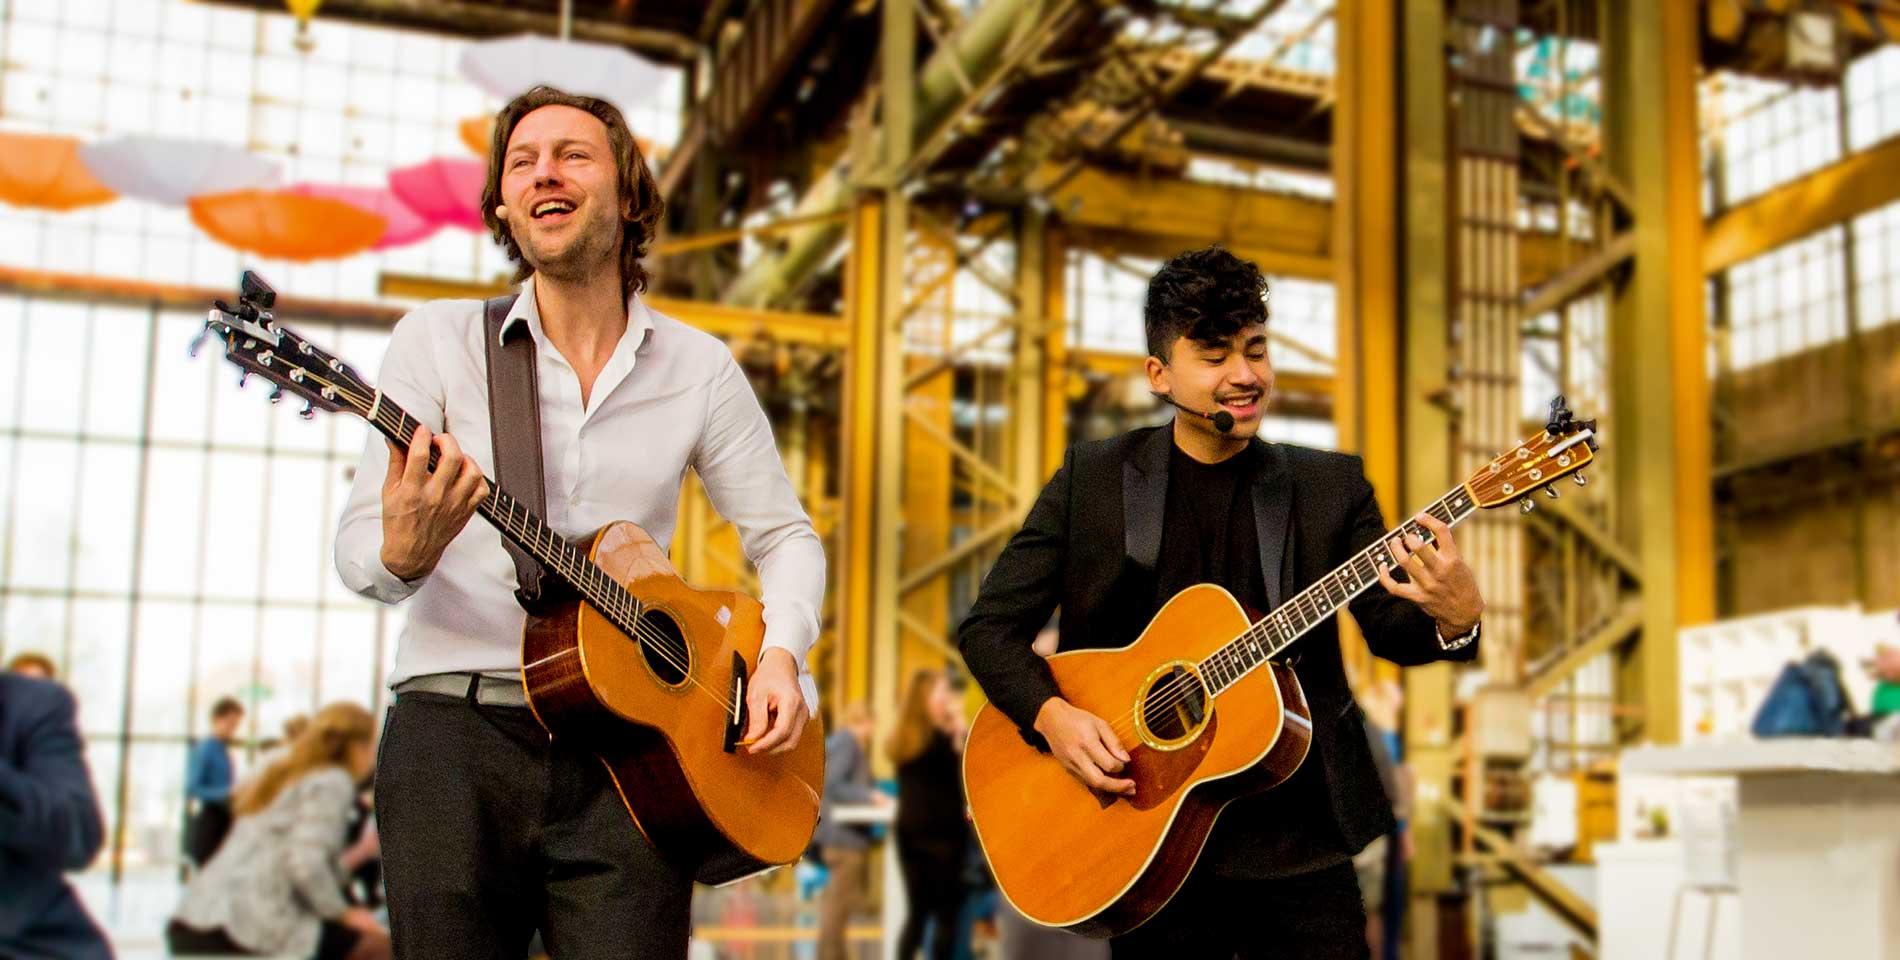 Gitaarduo The Acoustics mobiel versterkt optreden